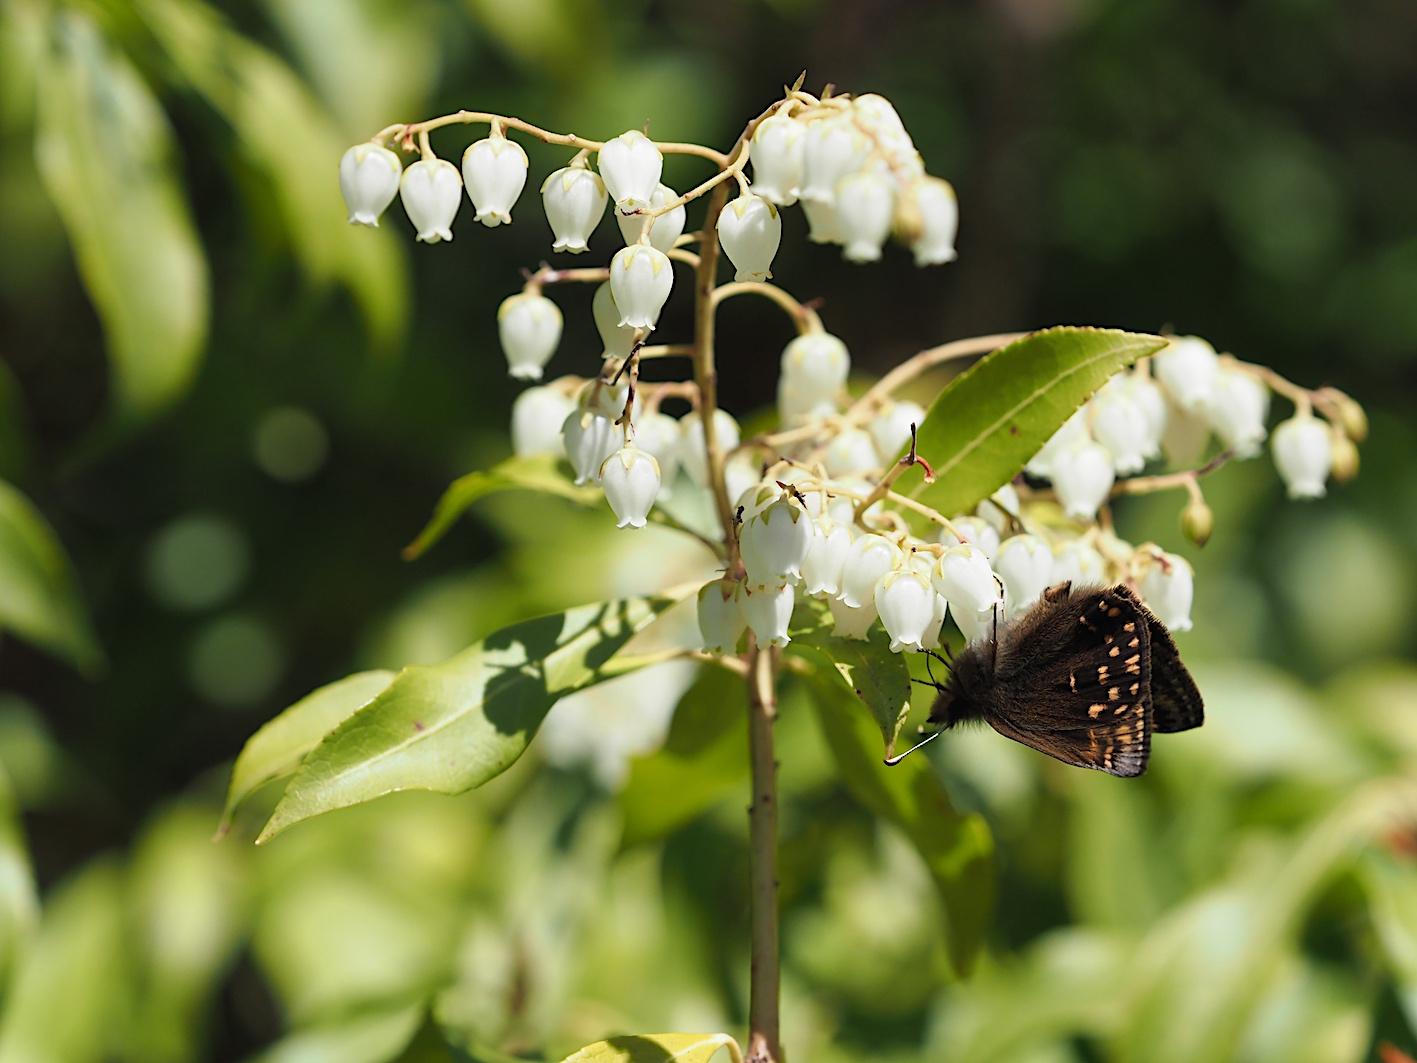 アセビにくる蝶たち、ミヤマセセリ(2019年3月26日)_d0303129_1511044.jpg